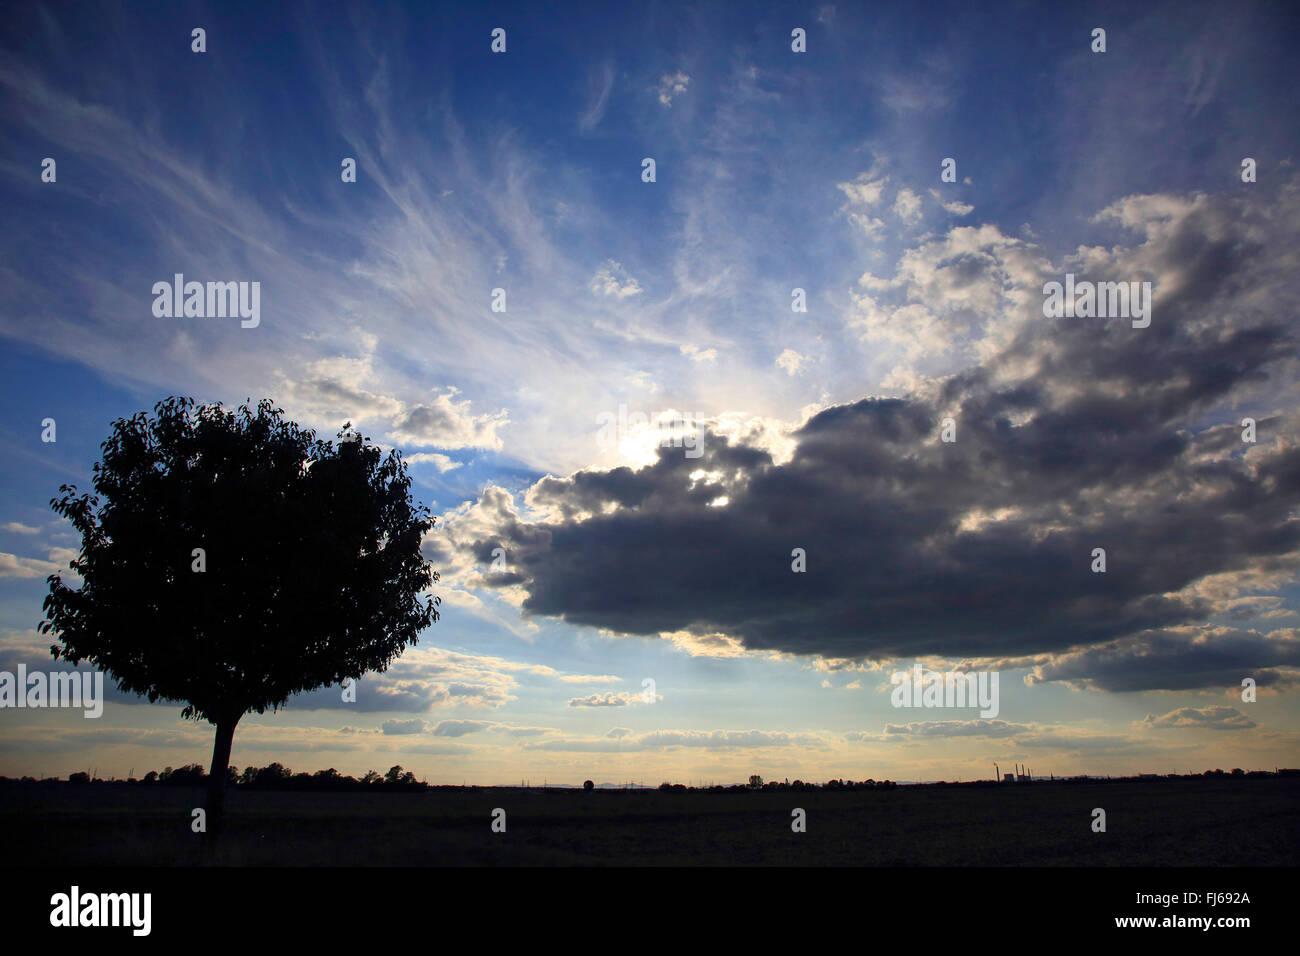 Domaine Le paysage et le soleil derrière les nuages sombres, Allemagne Photo Stock